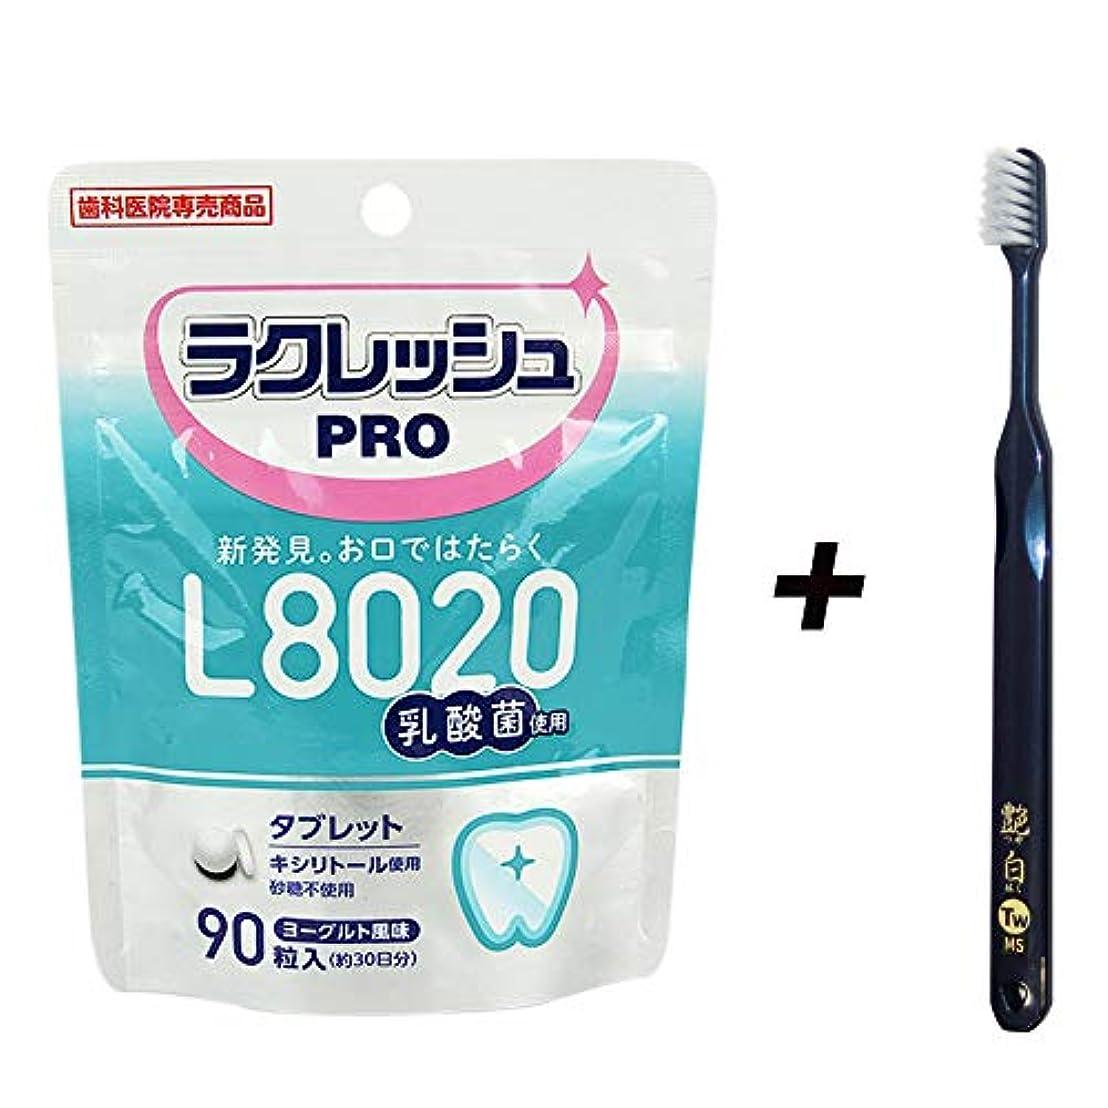 ピボット恐れるレモンL8020 乳酸菌 ラクレッシュ PRO タブレット 90粒×1袋 + 日本製歯ブラシ 艶白(つやはく)ツイン ハブラシ 1本 MS(やややわらかめ) 歯科医院取扱品